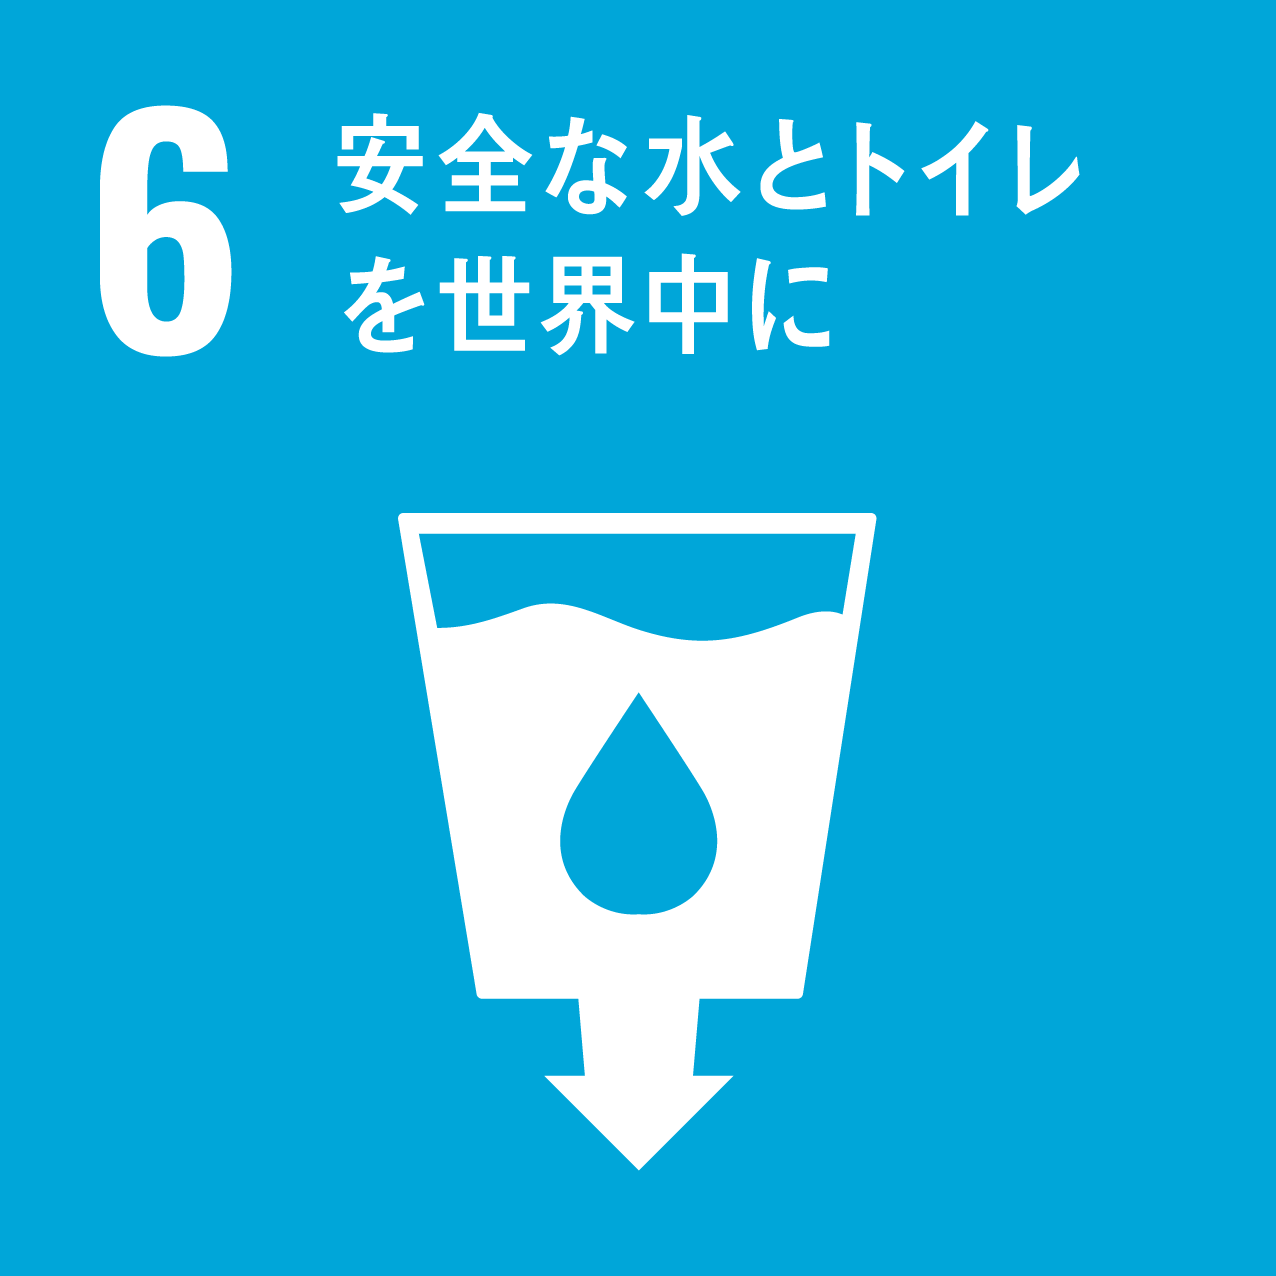 SDG's icon No6